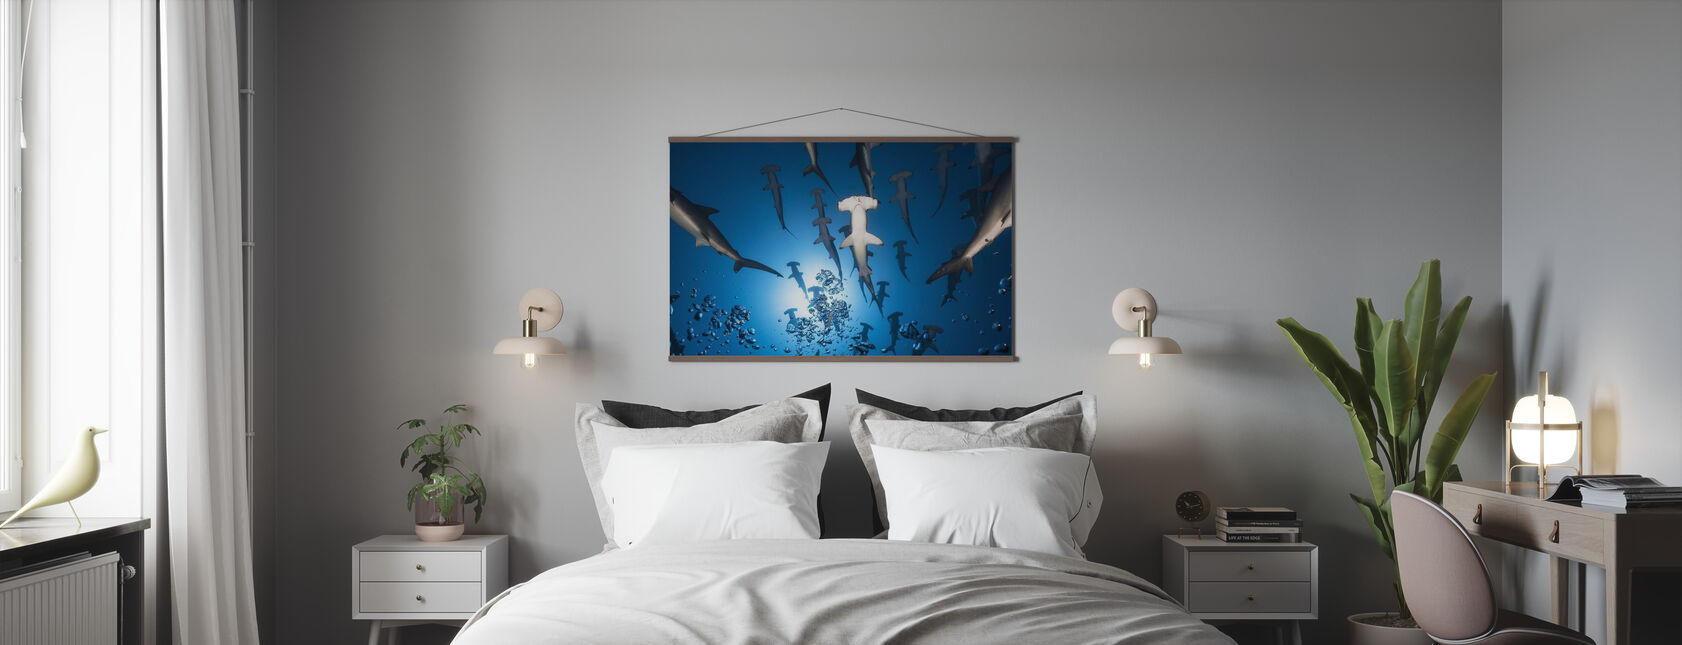 Hammerhead Shark - Poster - Bedroom